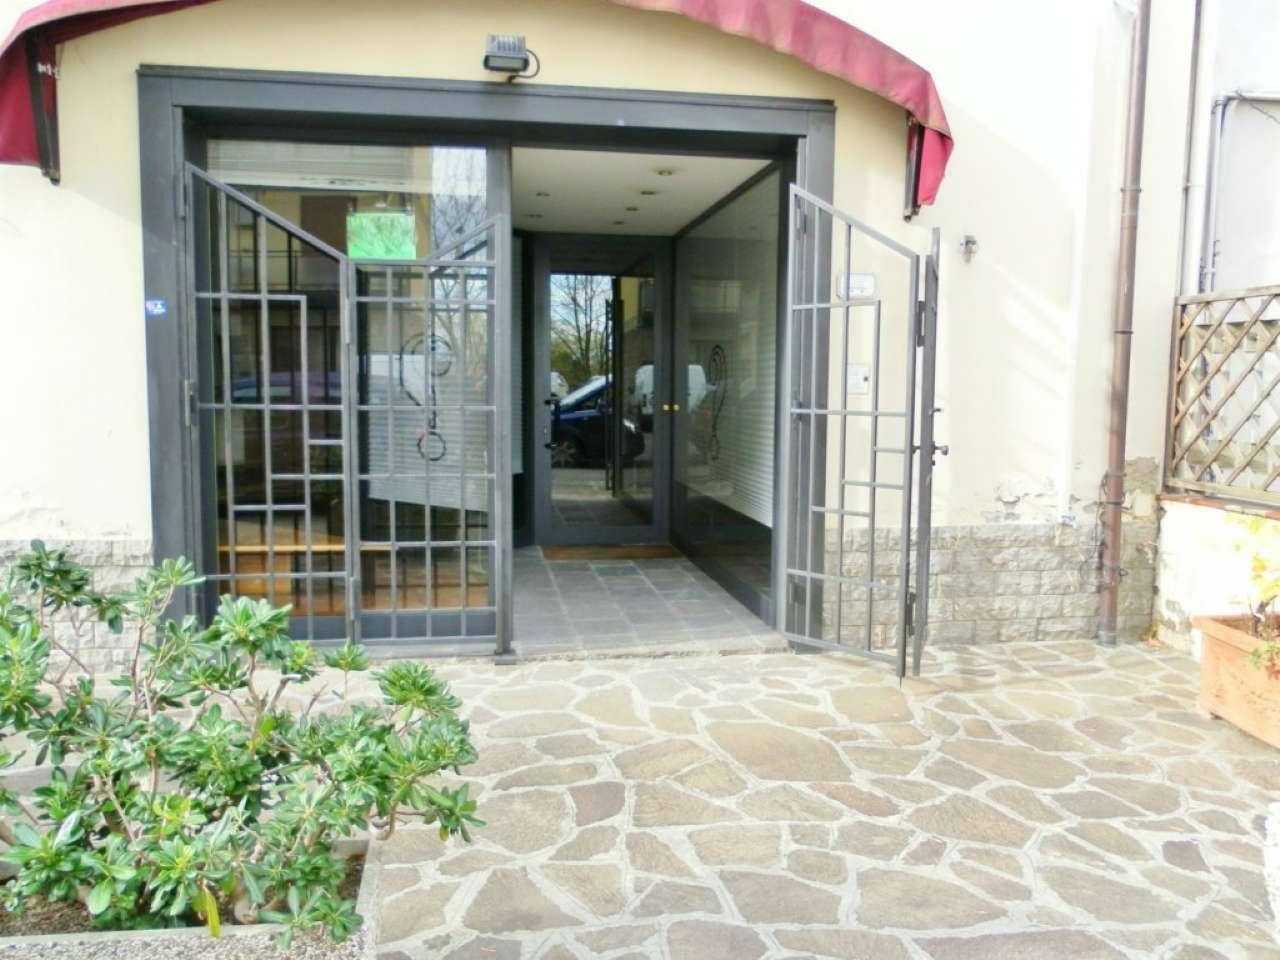 Negozio / Locale in vendita a Signa, 3 locali, prezzo € 290.000   CambioCasa.it